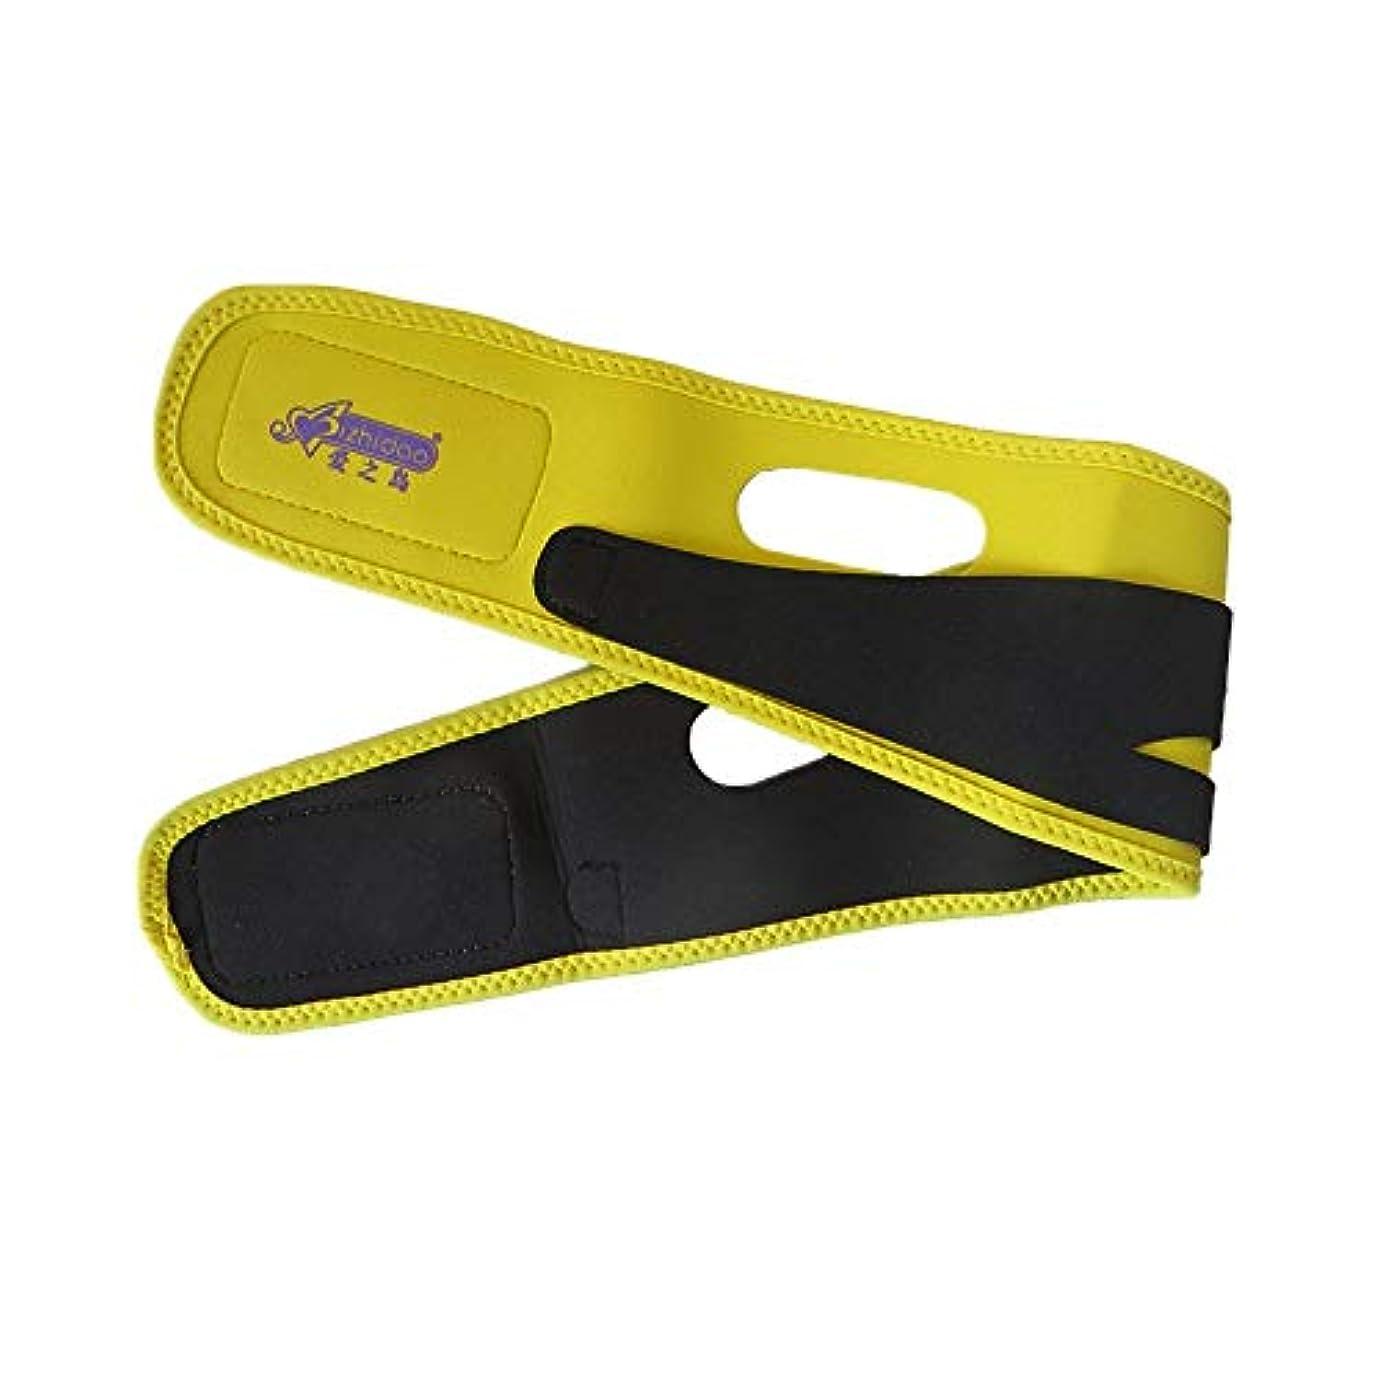 アジア人ご注意秀でるXHLMRMJ フェイススリミングバンデージ、ダブルチンケア減量、フェイシャルリフティングバンデージ、フェイスマッサージマスク、ダブルチンストラップ(フリーサイズ) (Color : Yellow)